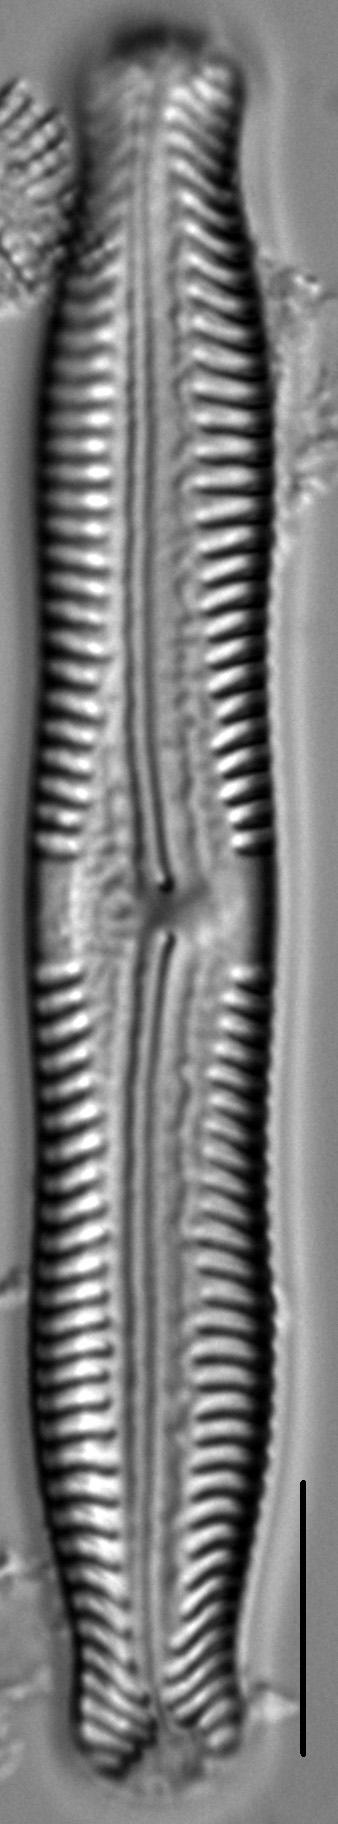 Pinnularia nodosa LM7